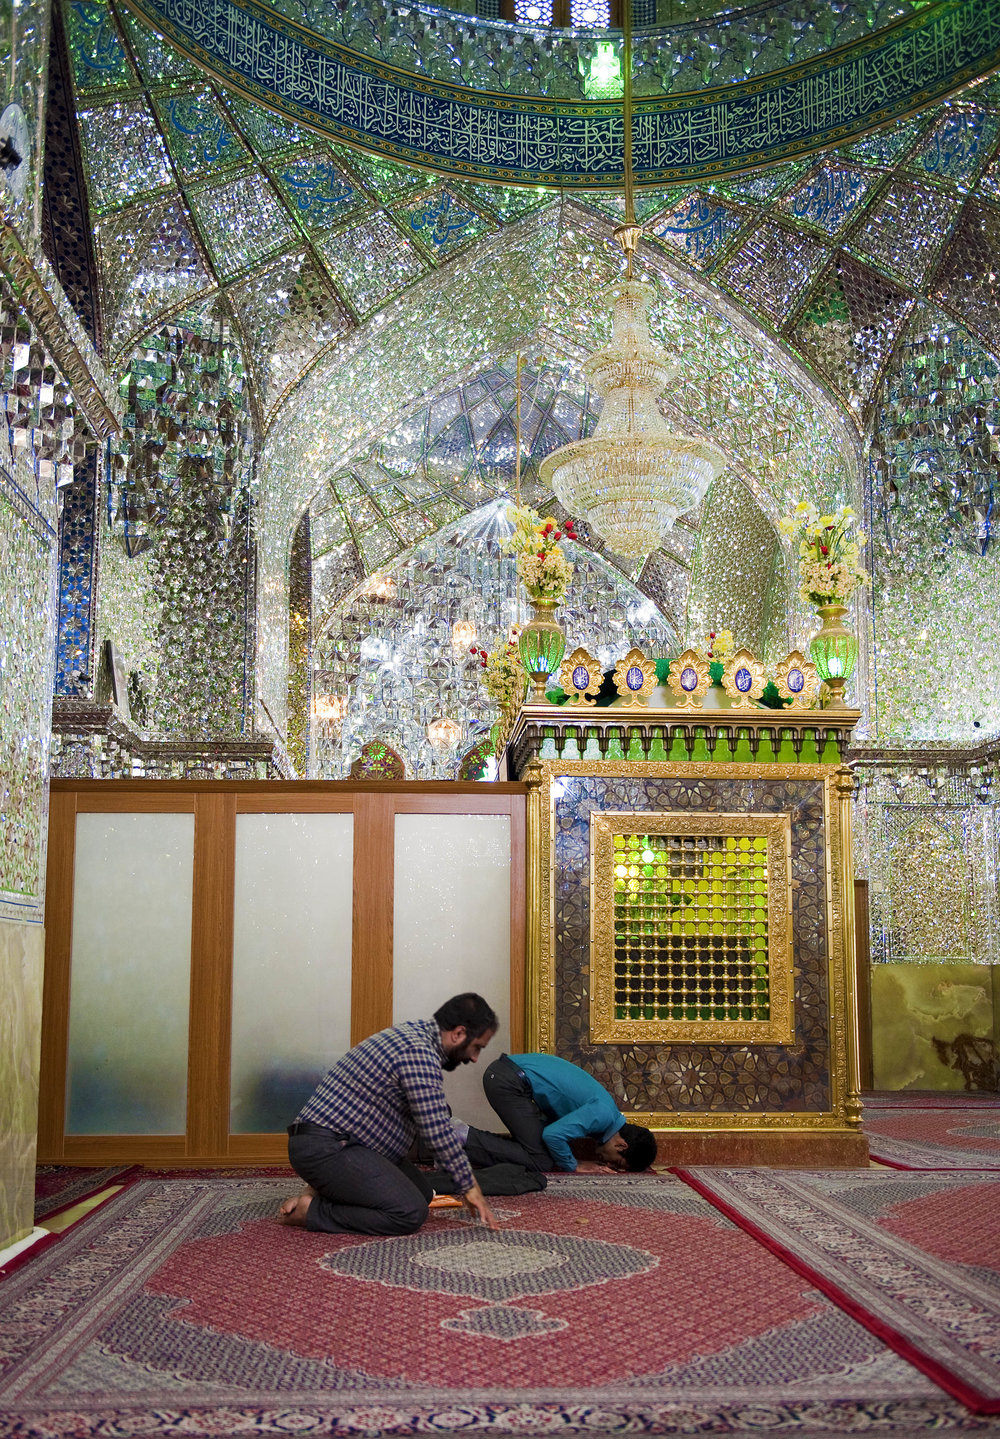 Emamzadé-ye Ali Ebn-e Hamze mosque in Shiraz